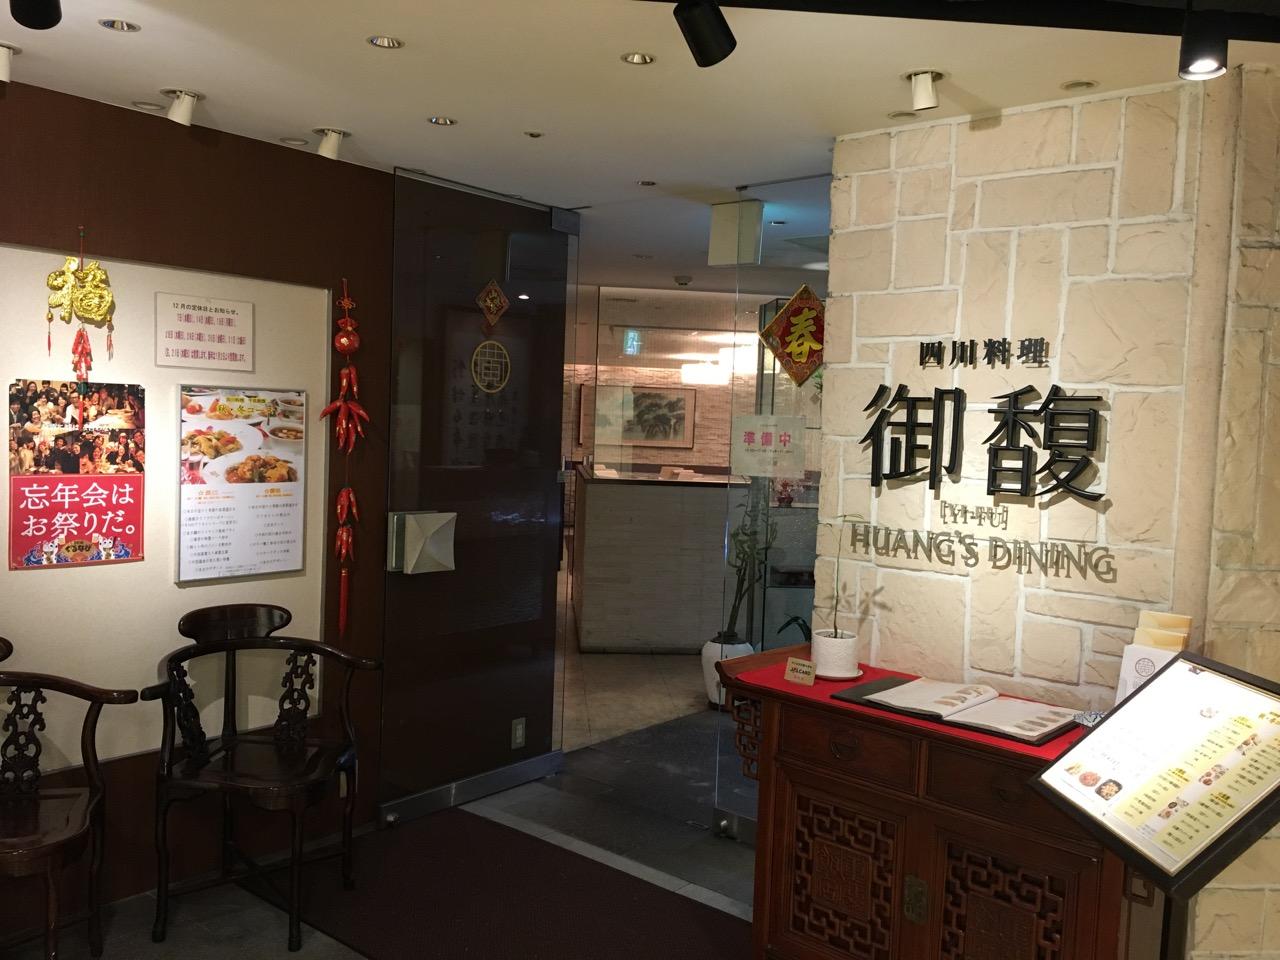 四川料理 御馥 (イーフー)千里店のランチを食べてきたんだけど閉店!